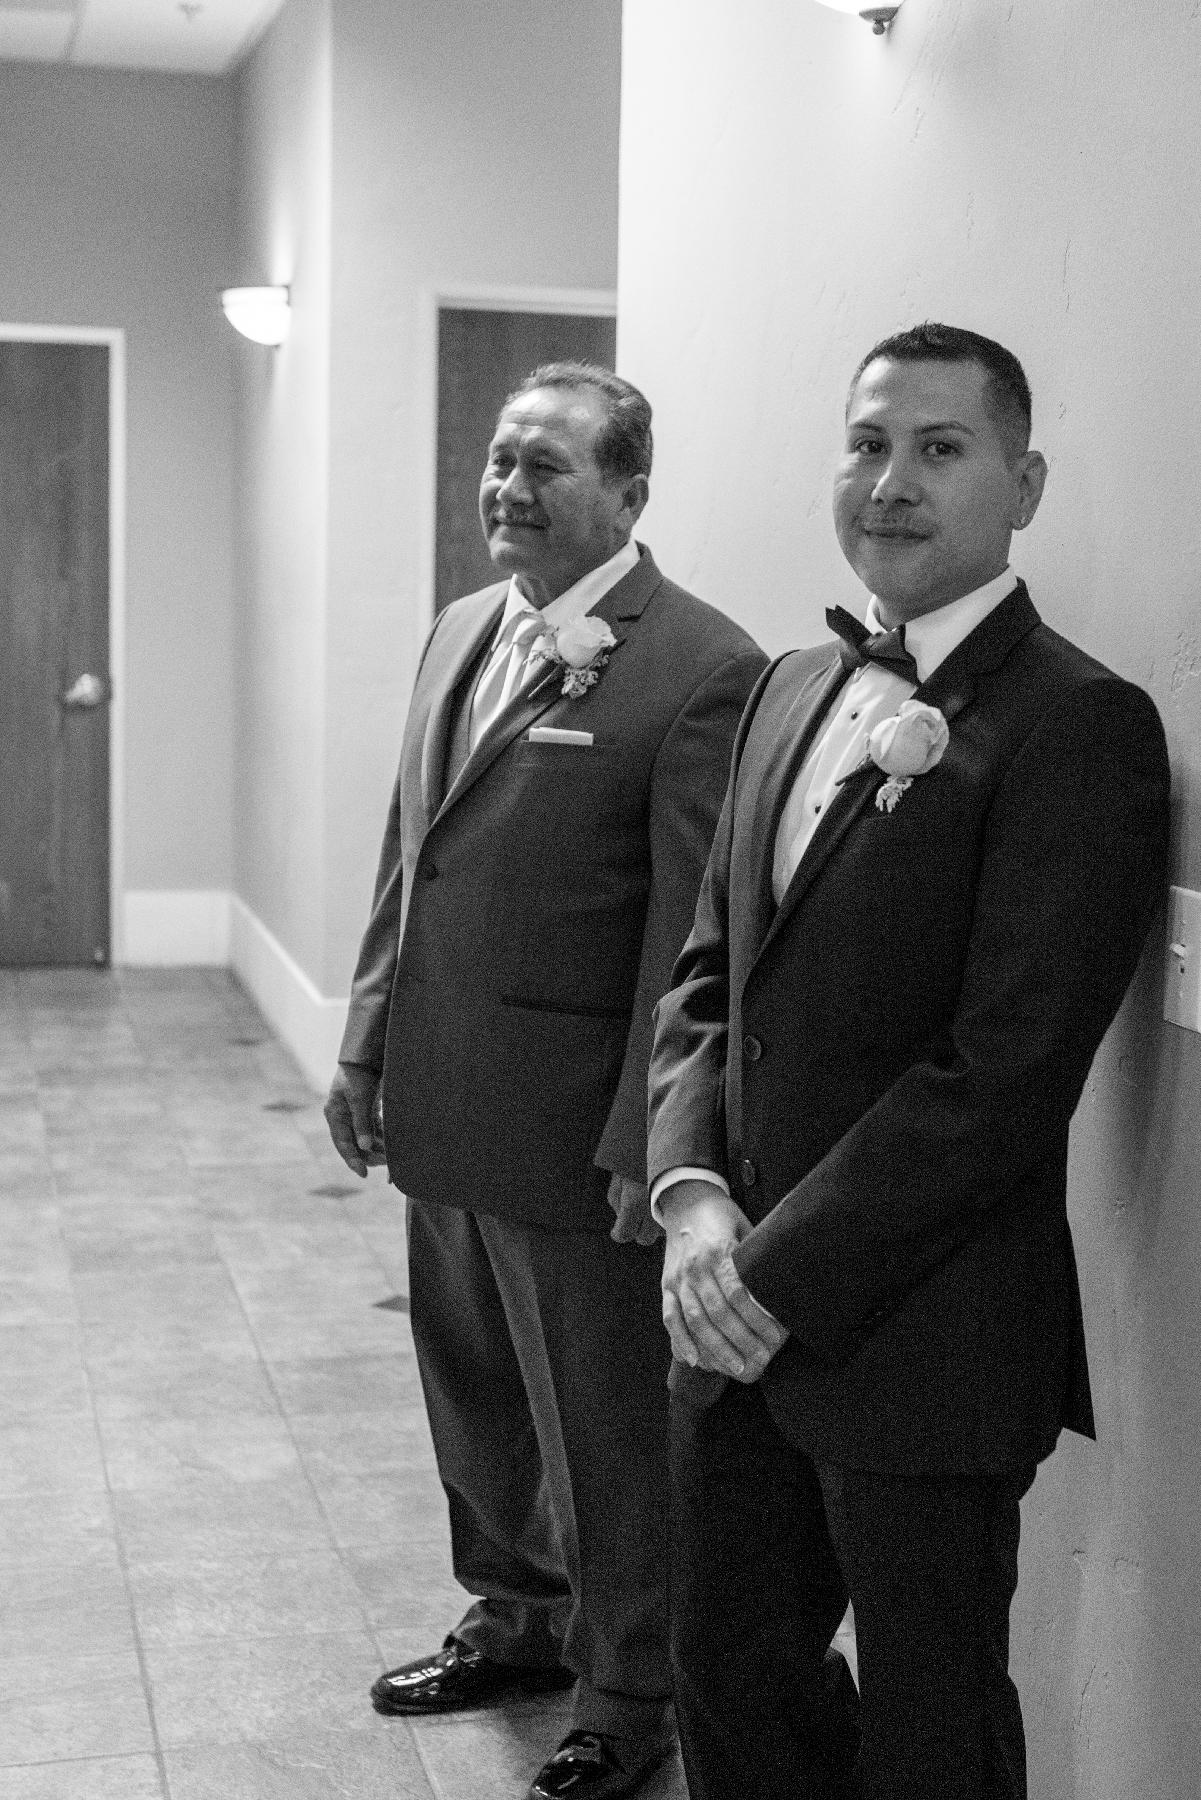 hugo and jimmy wedding 2014-10-05 21